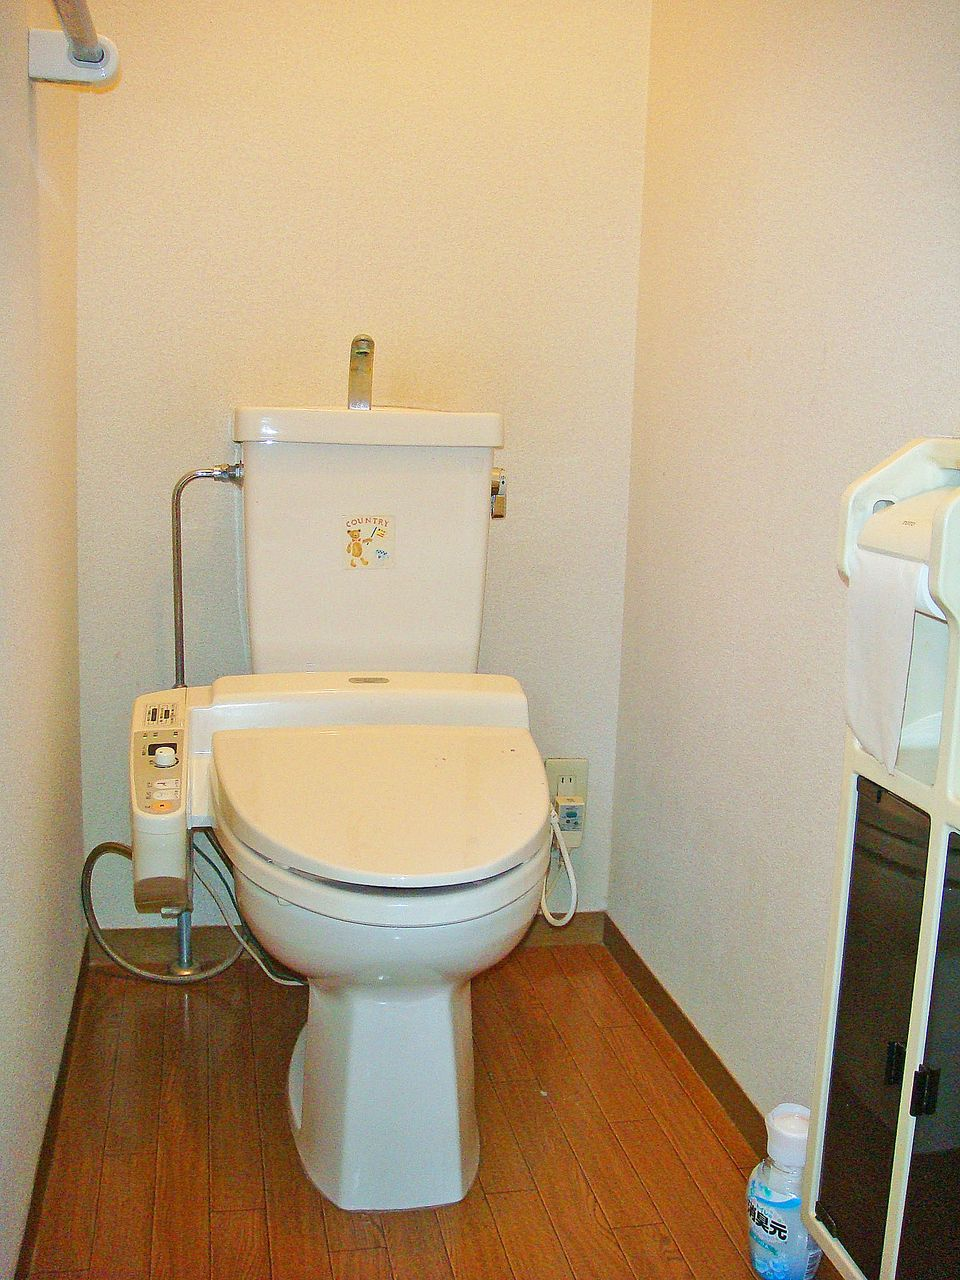 人気のウォシュレット付きトイレです。トイレットペーパーの使用量が大幅に少なくなり節約になります。